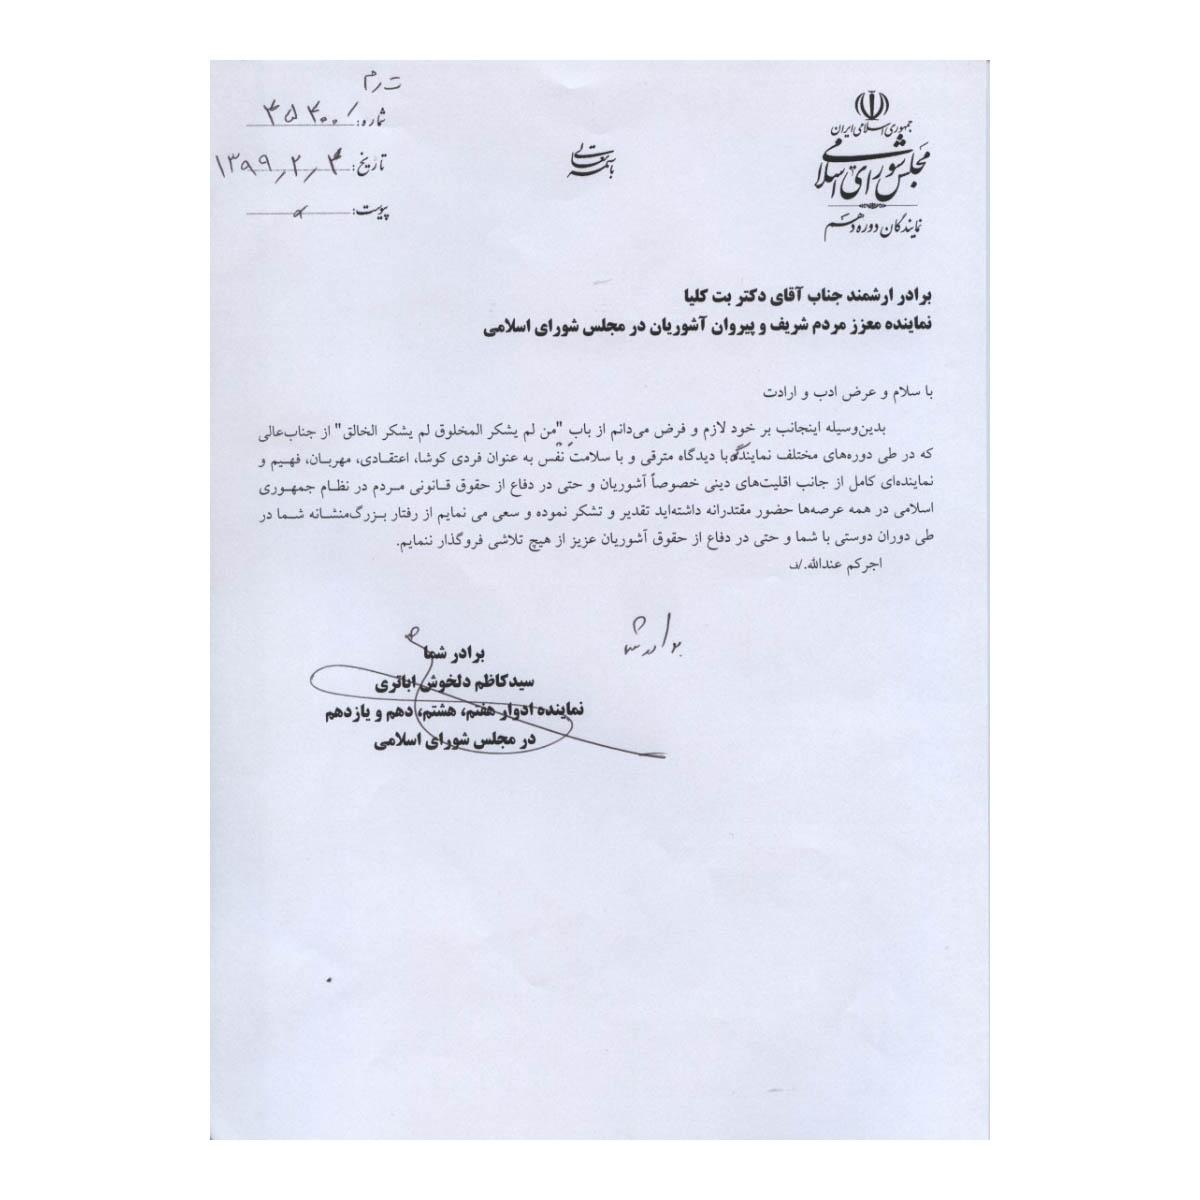 عضویت هیات مدیره شرکت توسعه ایرانگردی و جهانگردی